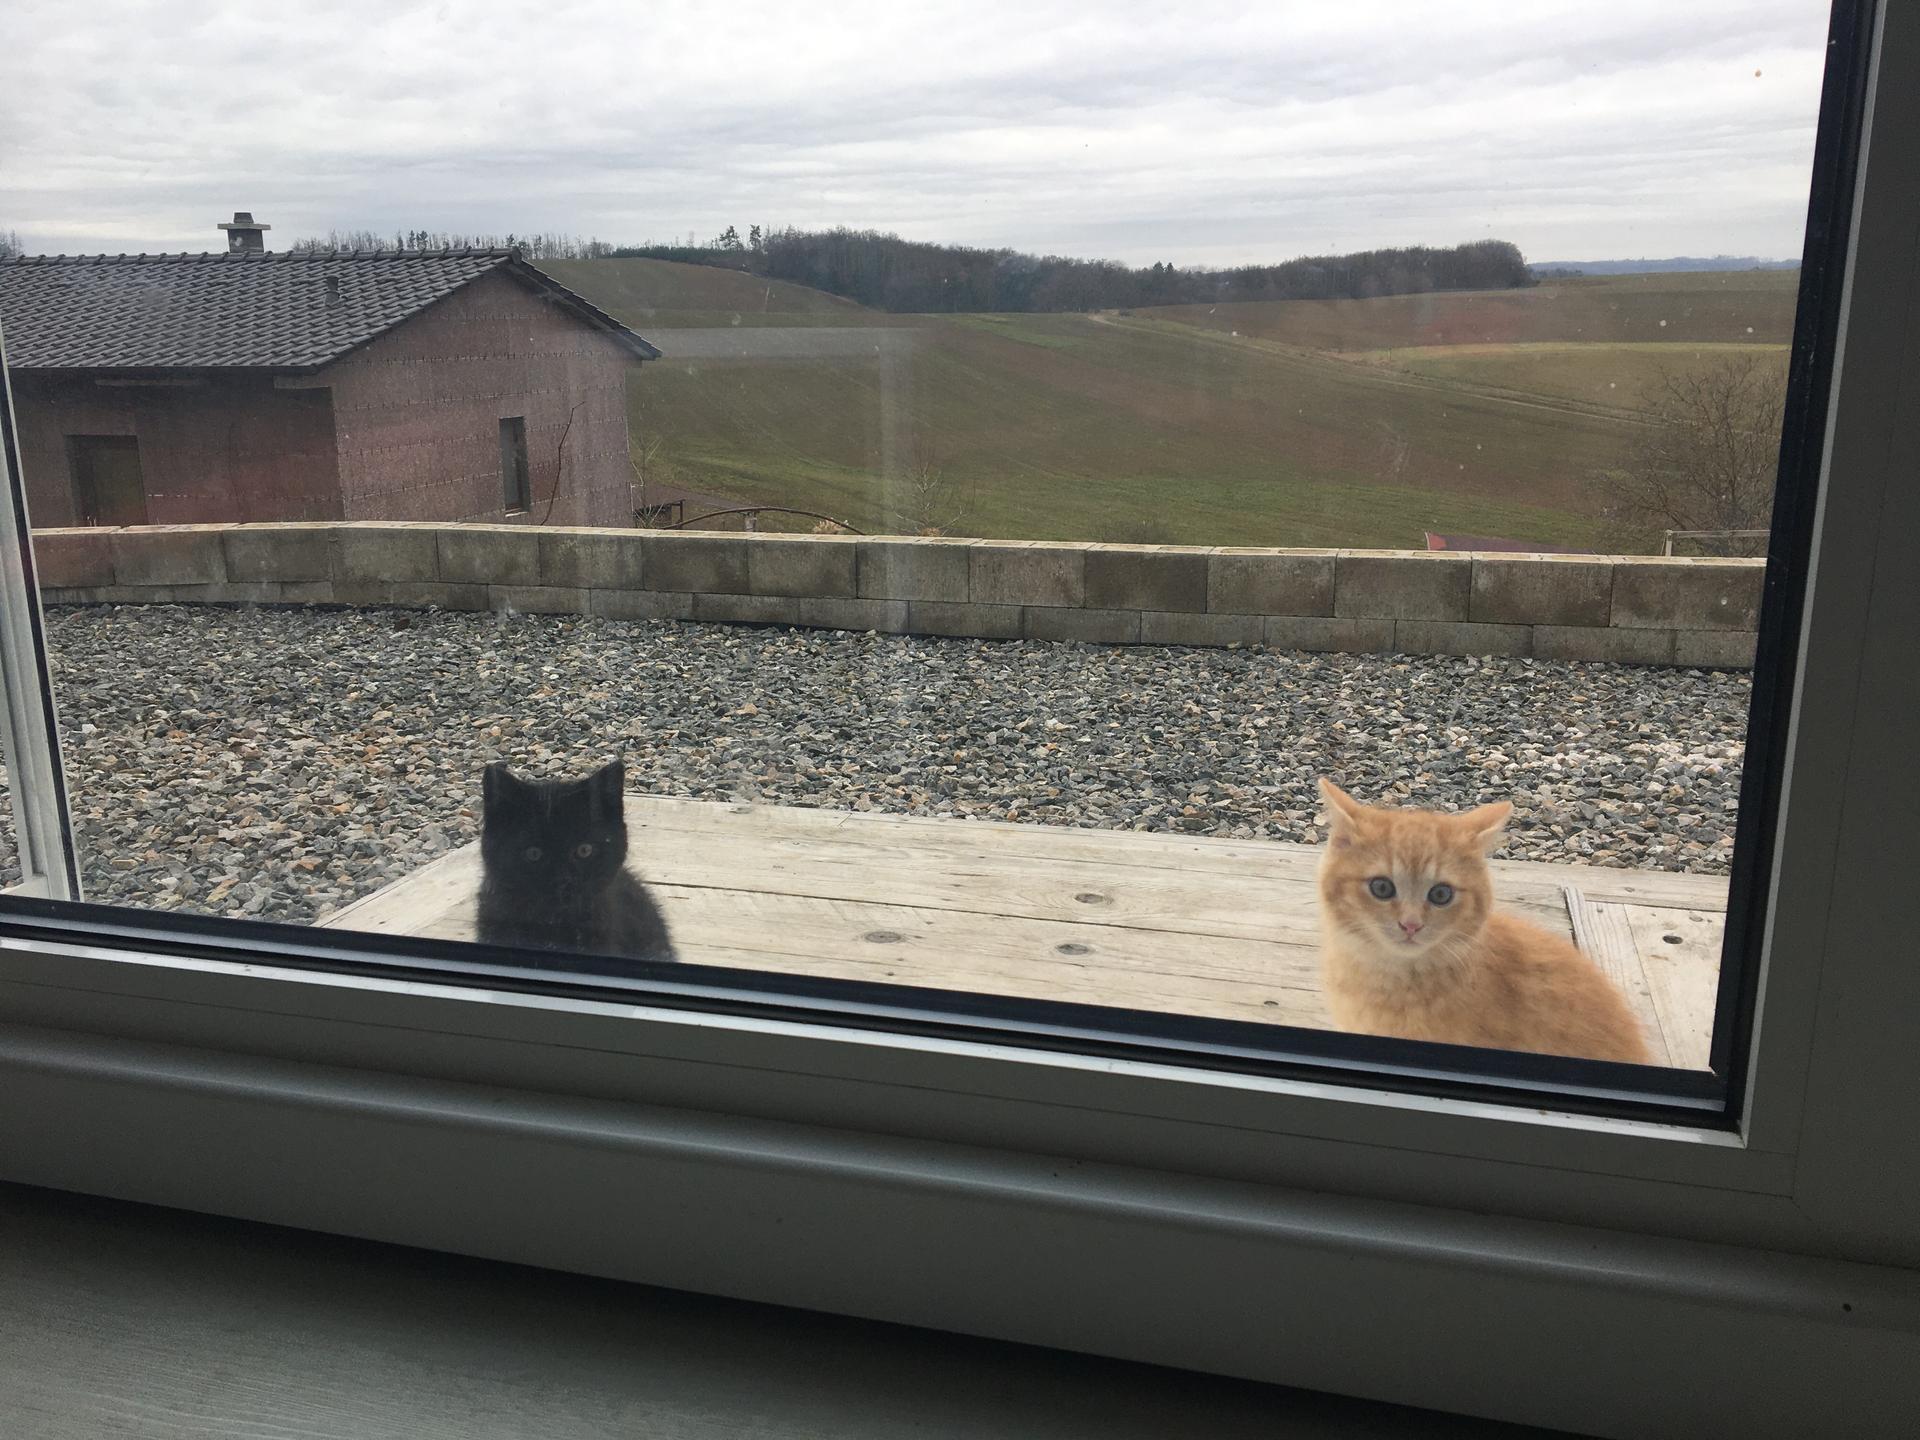 Skřítčí zahrada 2015 - 2020 - Prosinec 2020 - kocourci (Sirius Black a Tygřík) nezapřou druh kočka domácí